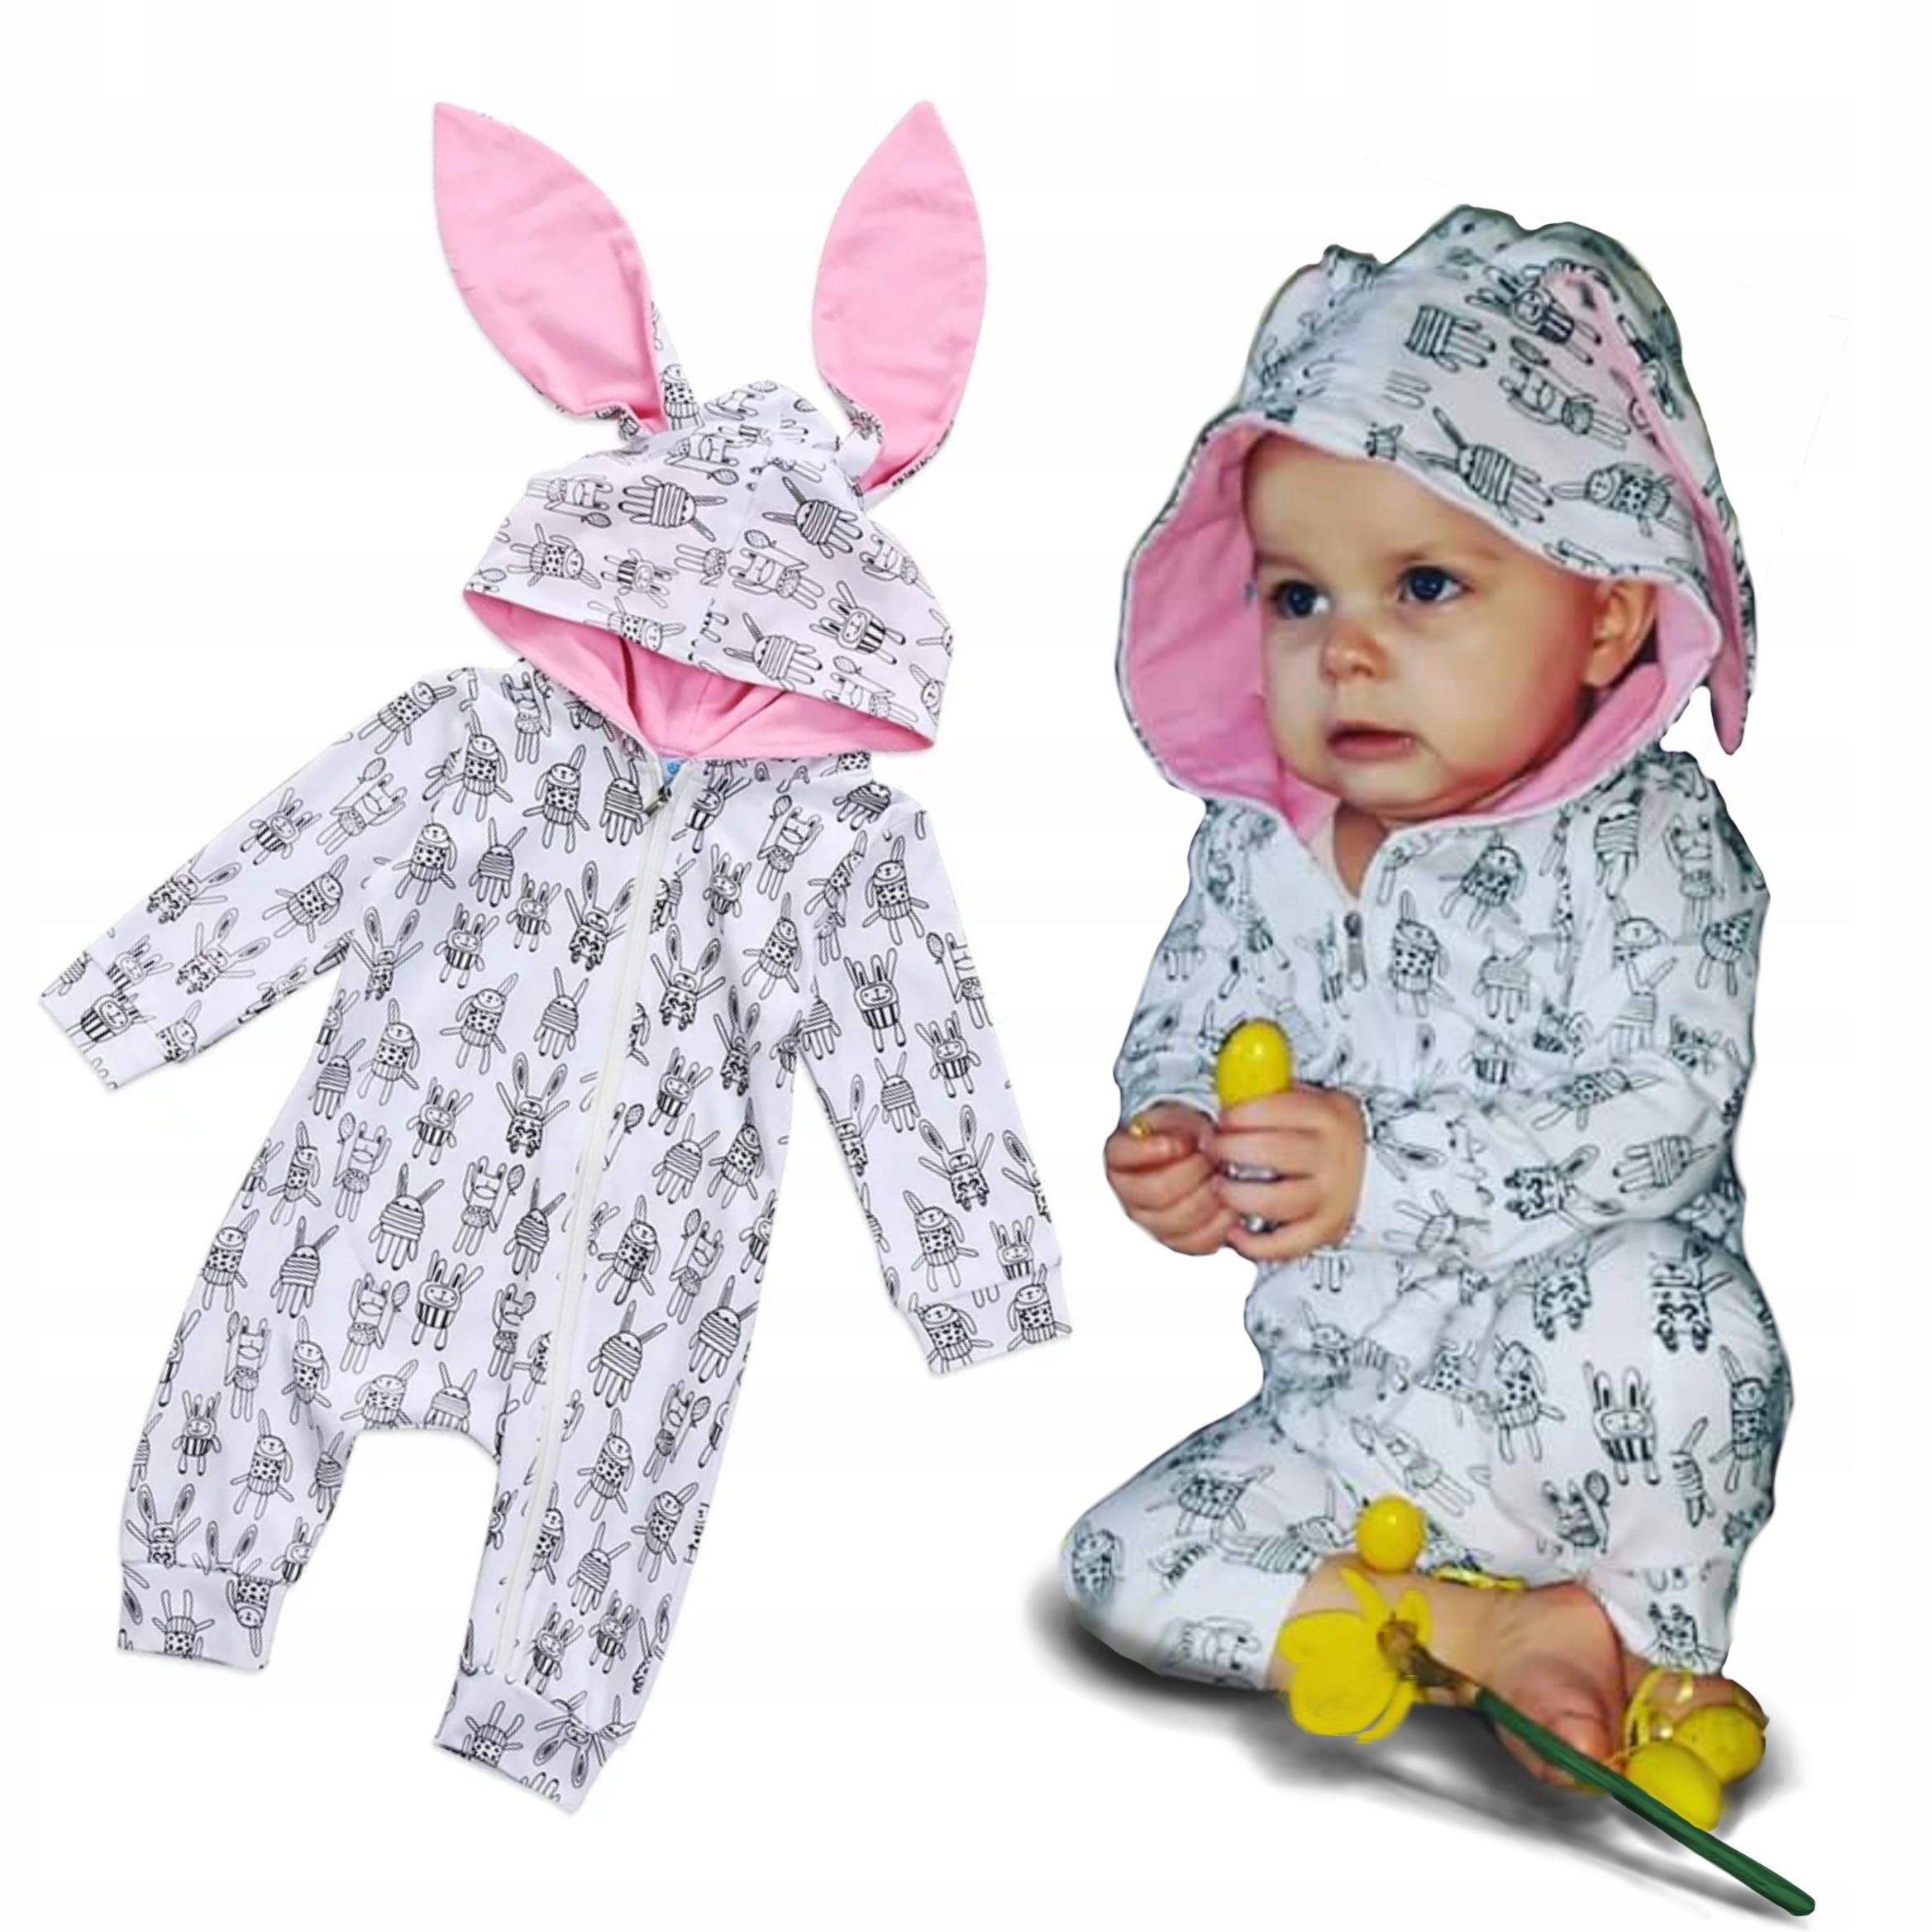 Pajacyk Bunny vyhovovali VEĽKONOČNÉ SVIATKY 68 74 80